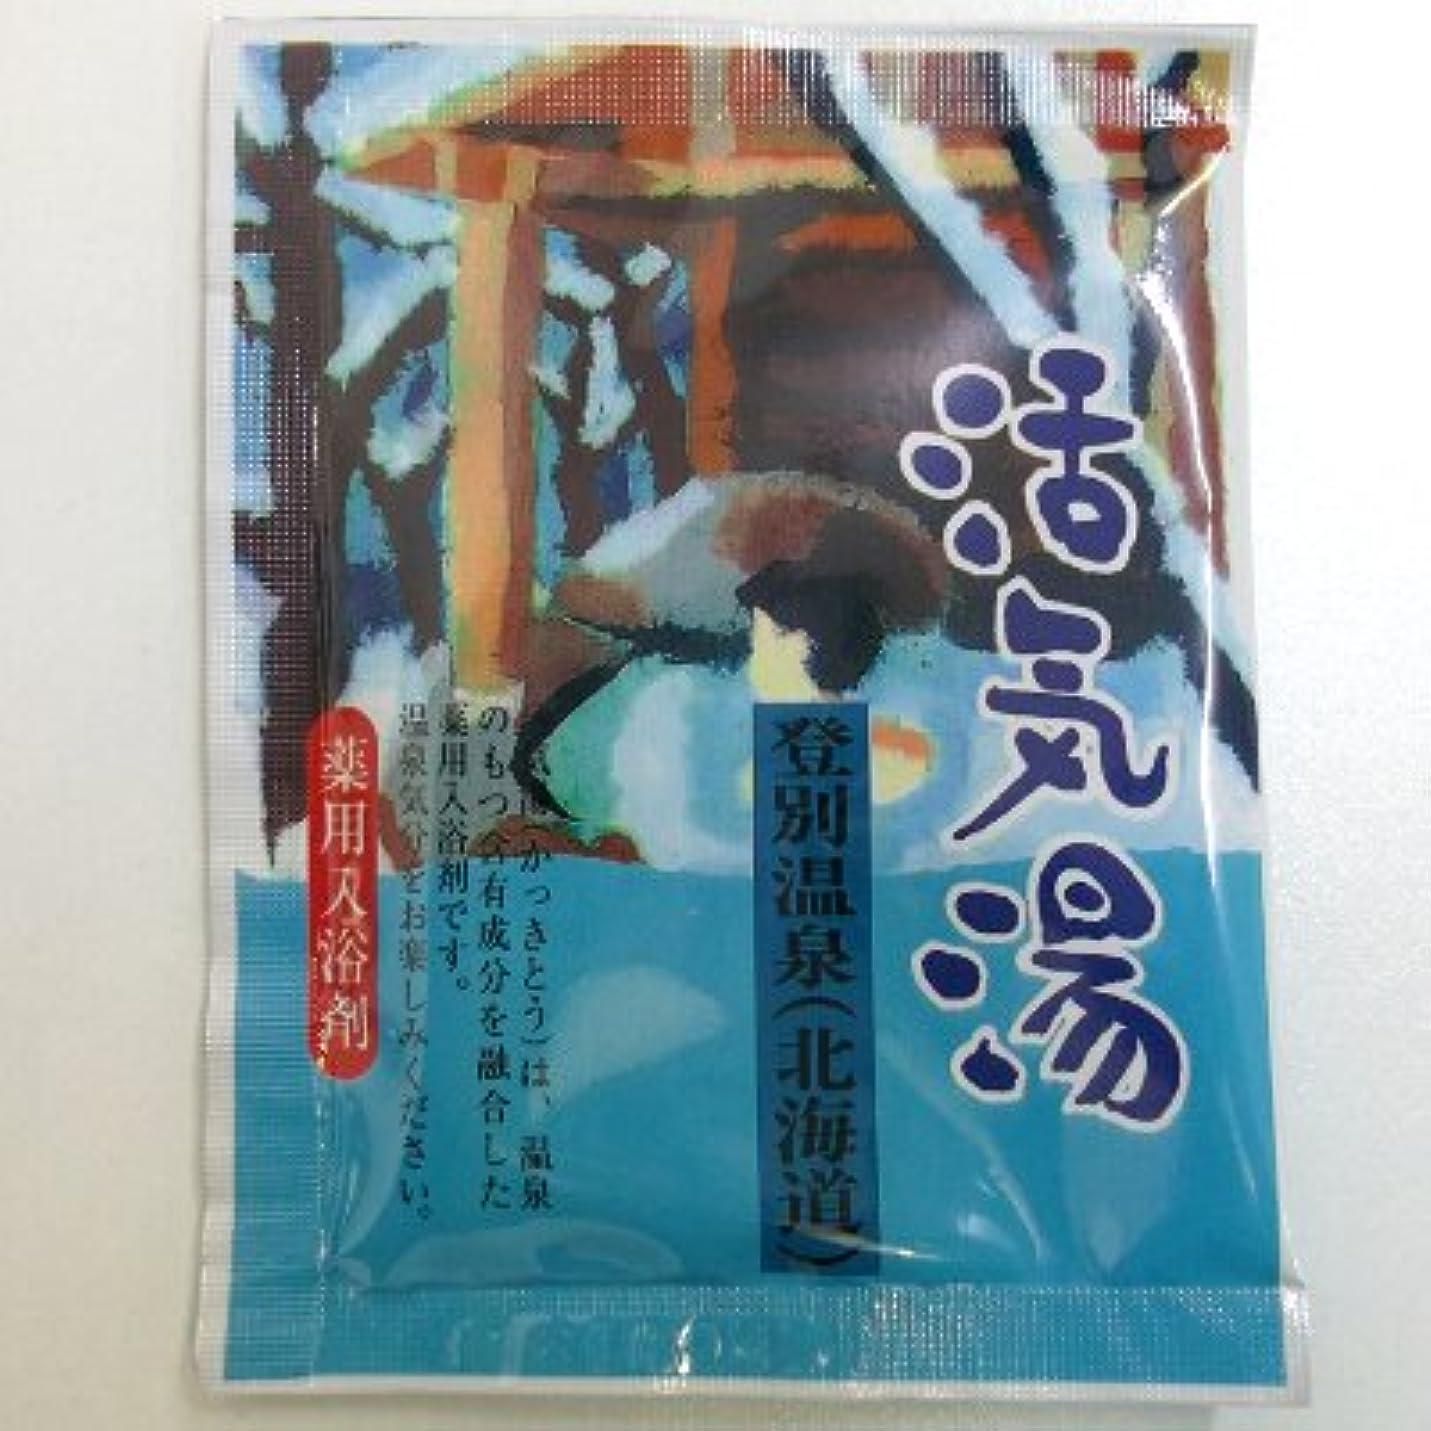 セラー花弁ポット活気湯 登別温泉(ミント)